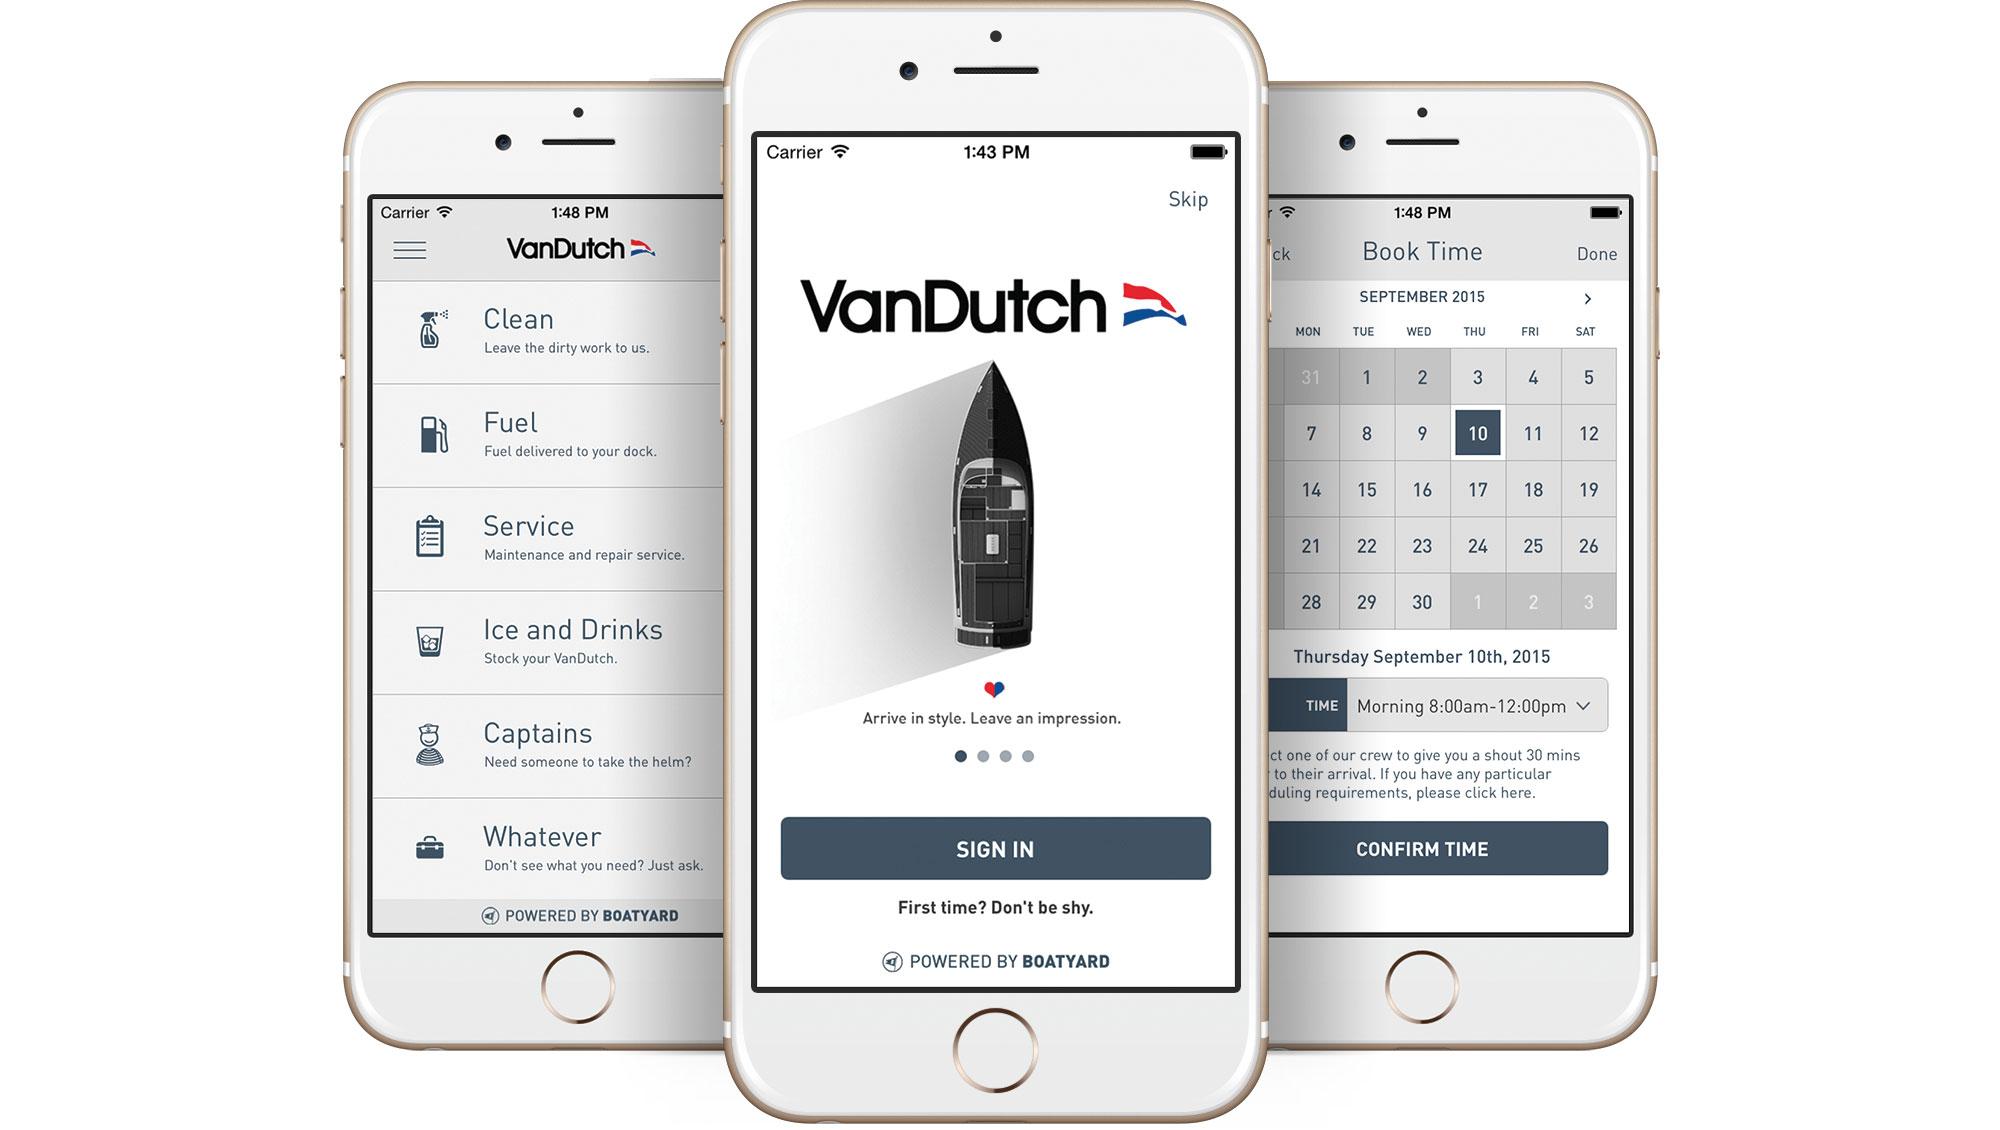 VanDutch Boatyard